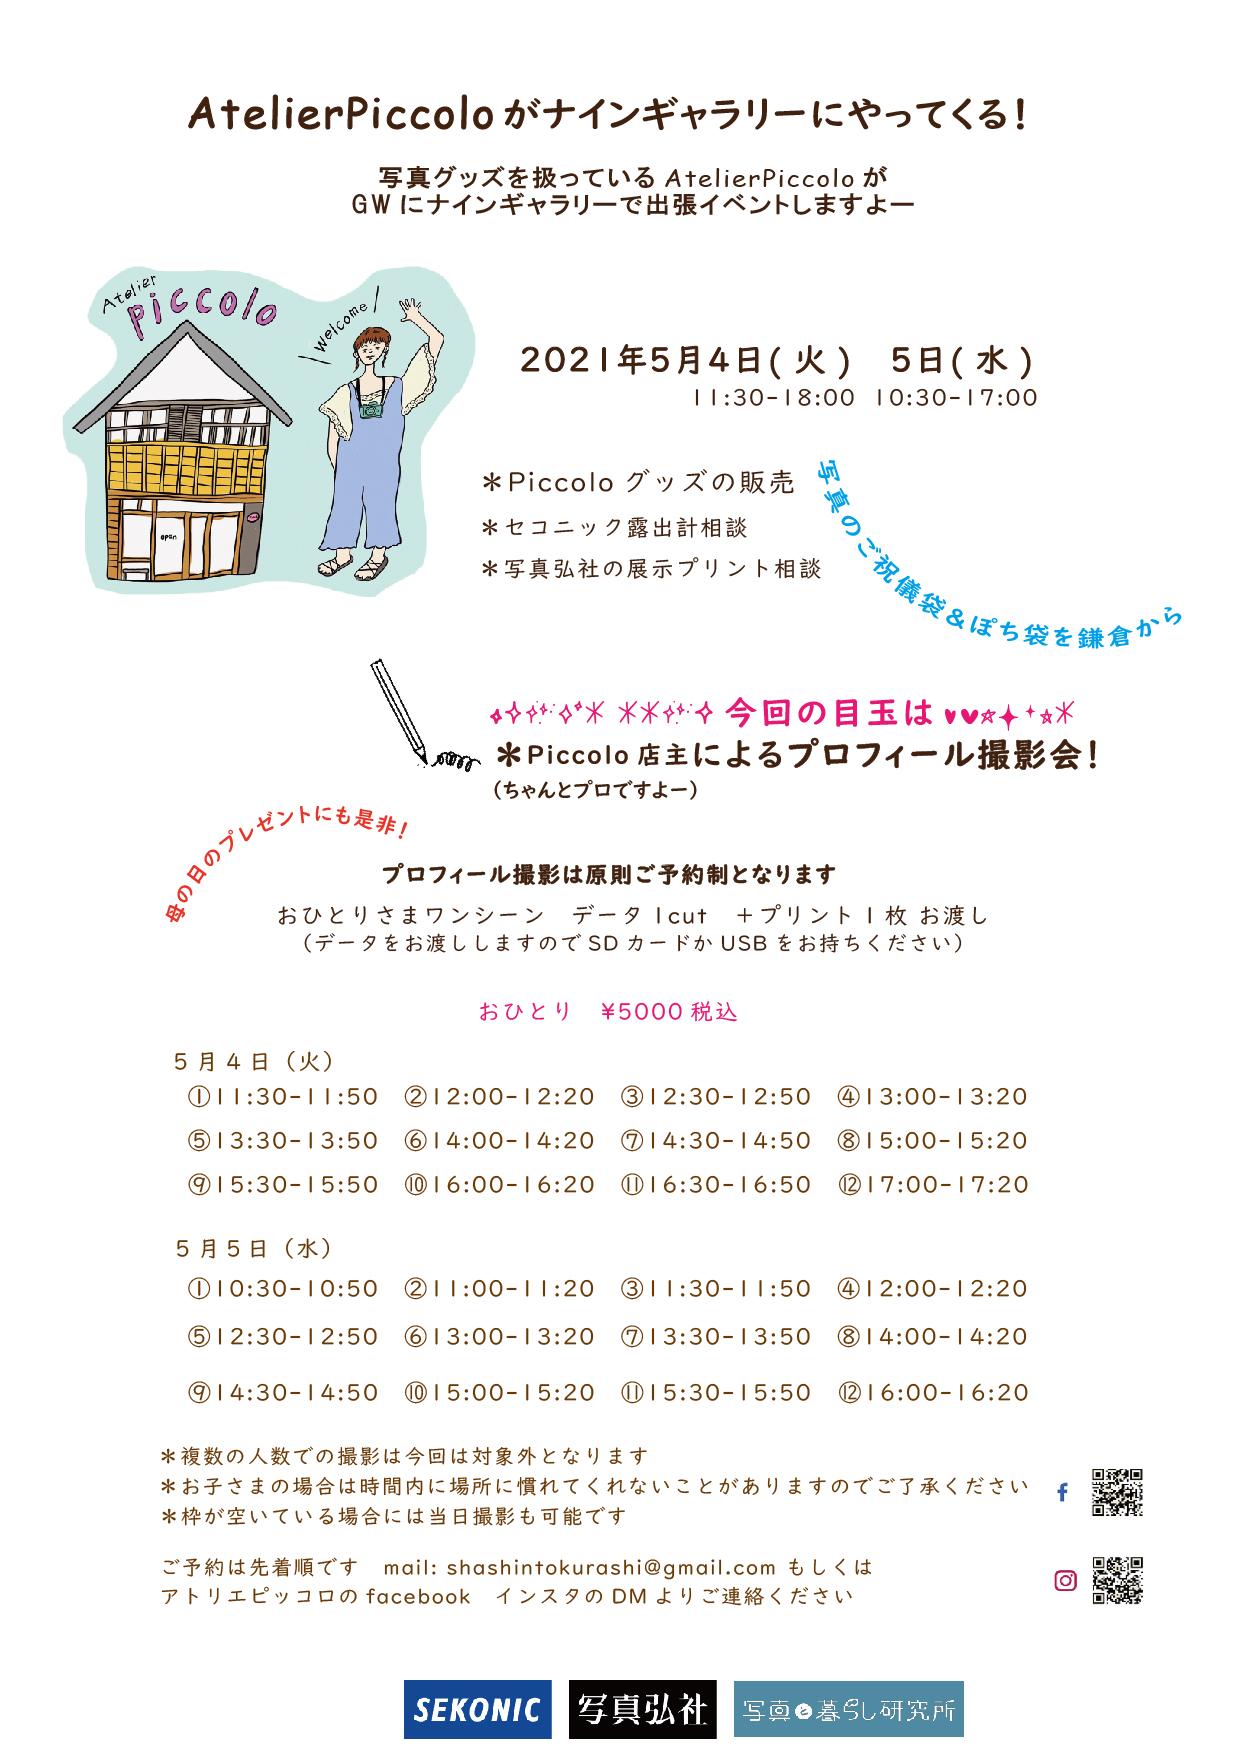 2021/05/04‐05ナインギャラリーにてイベント開催